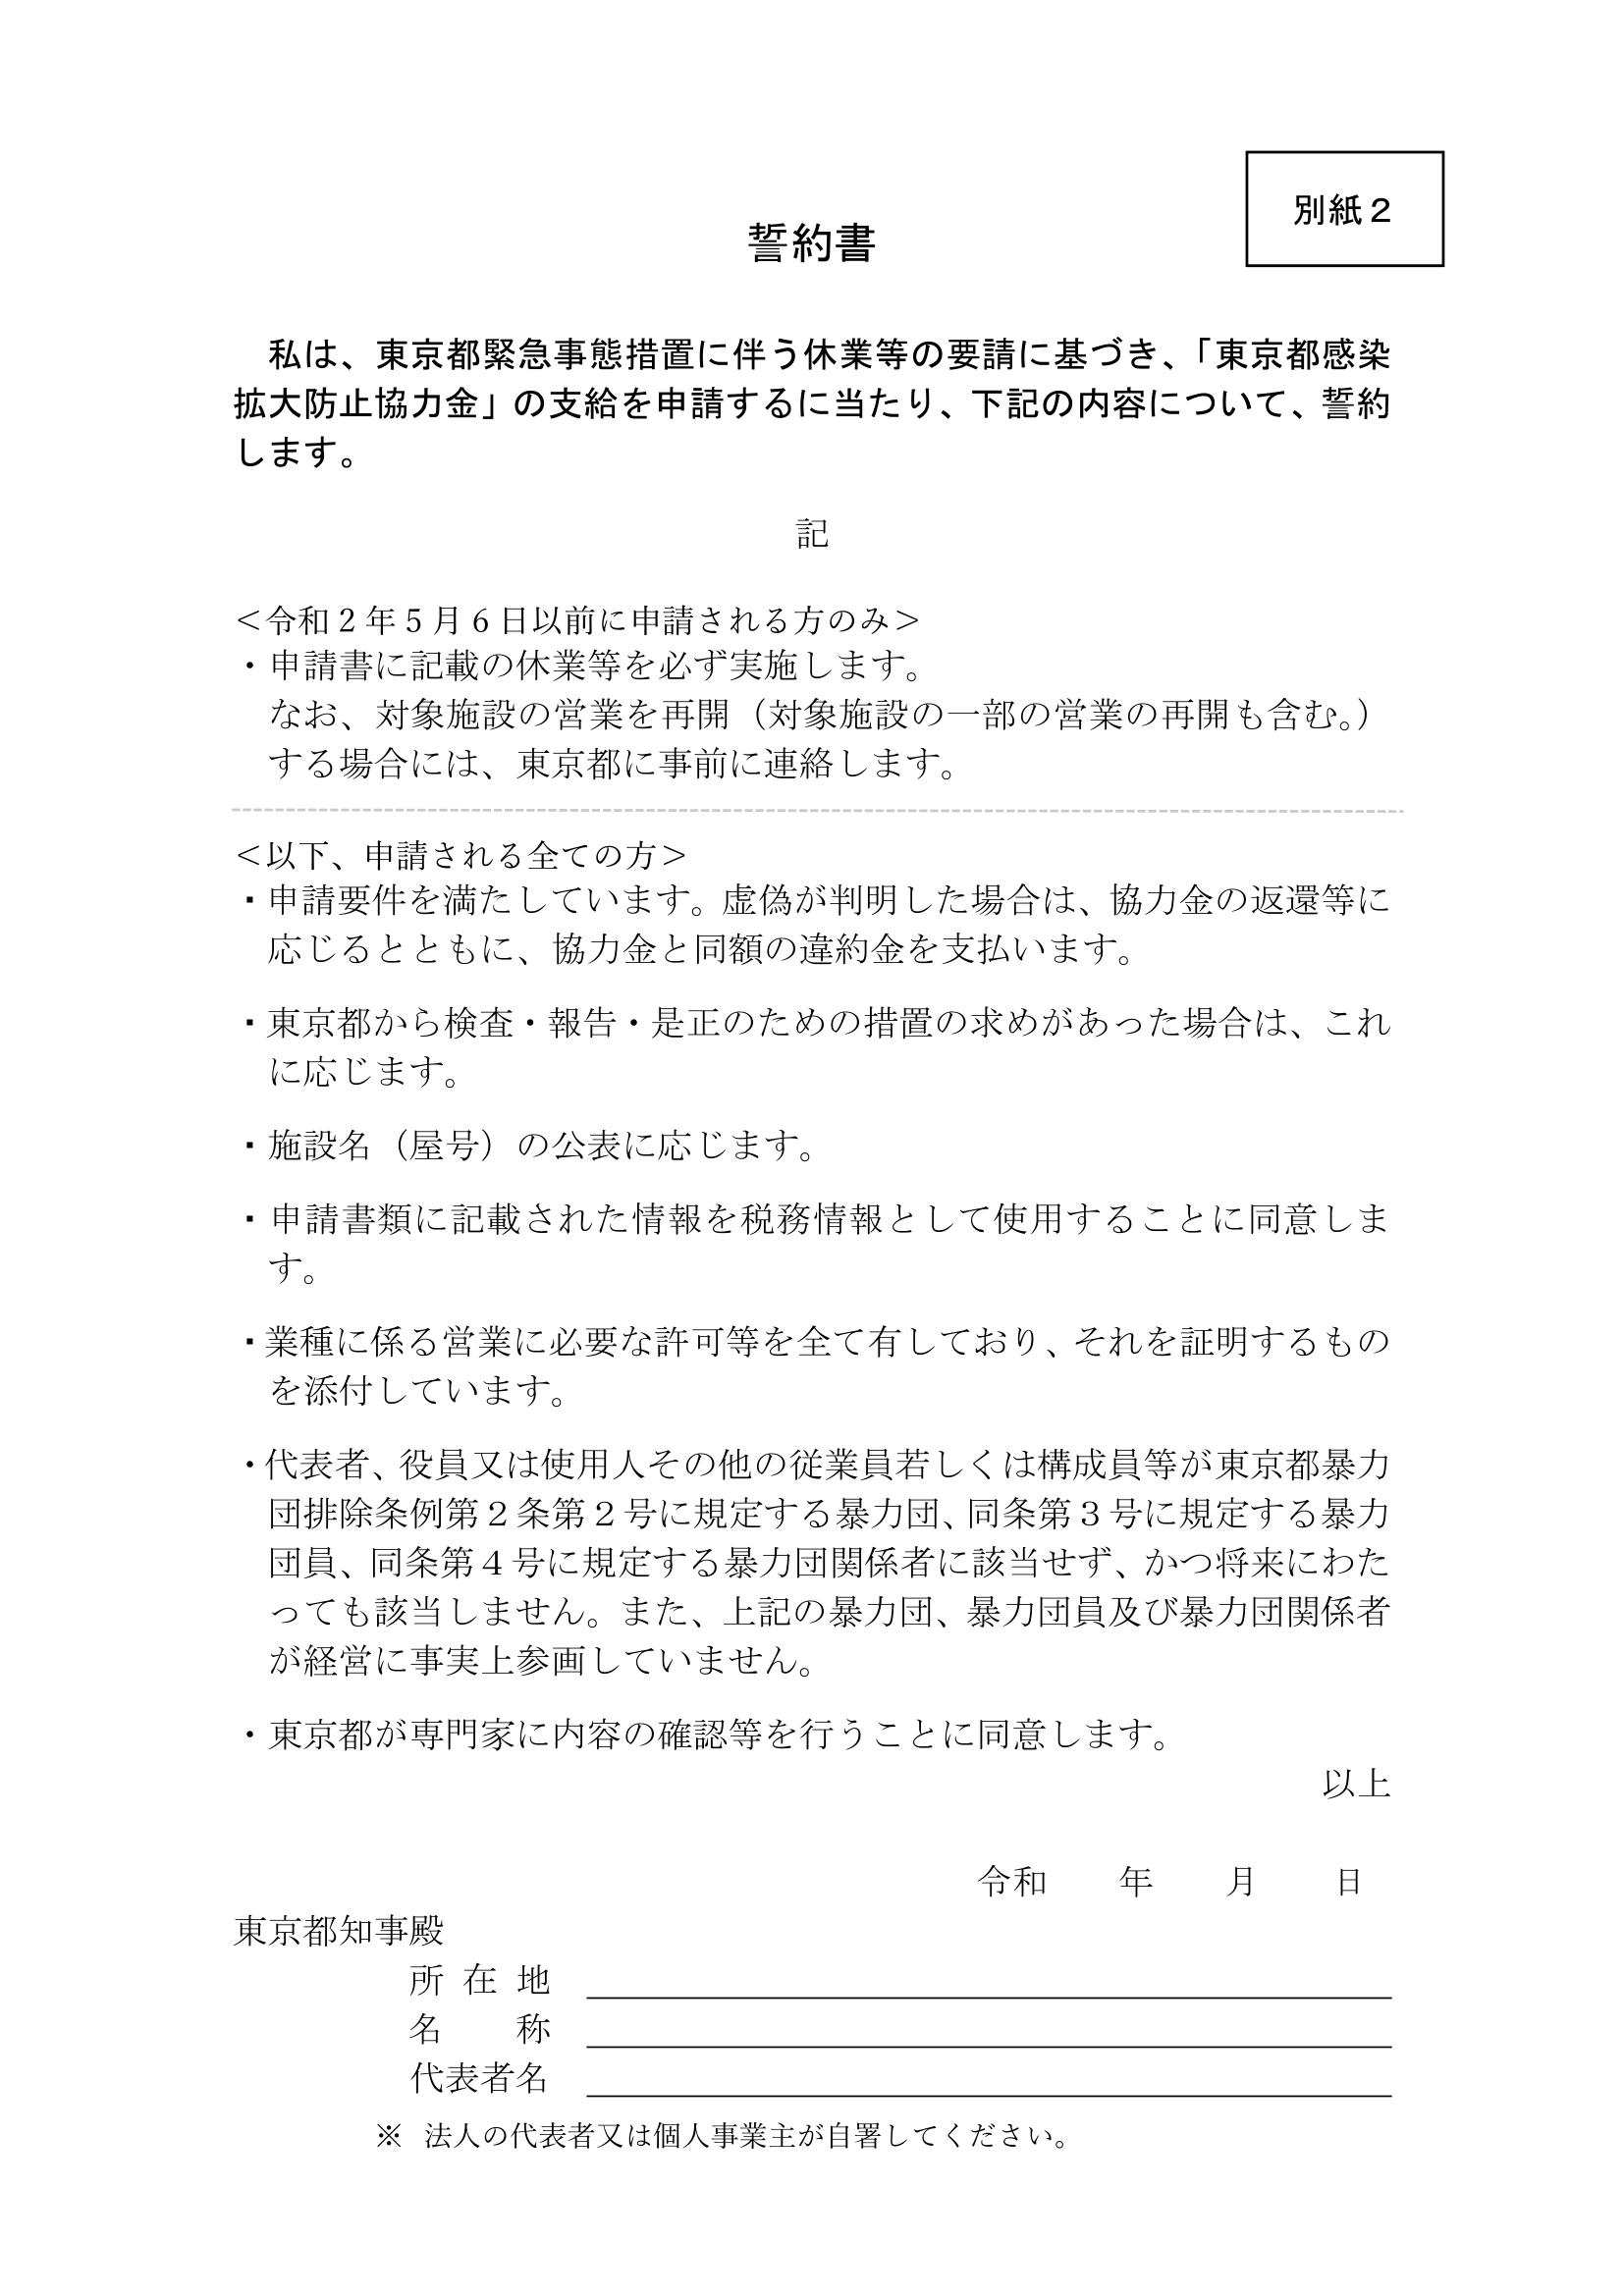 東京都感染拡大防止協力金 誓約書